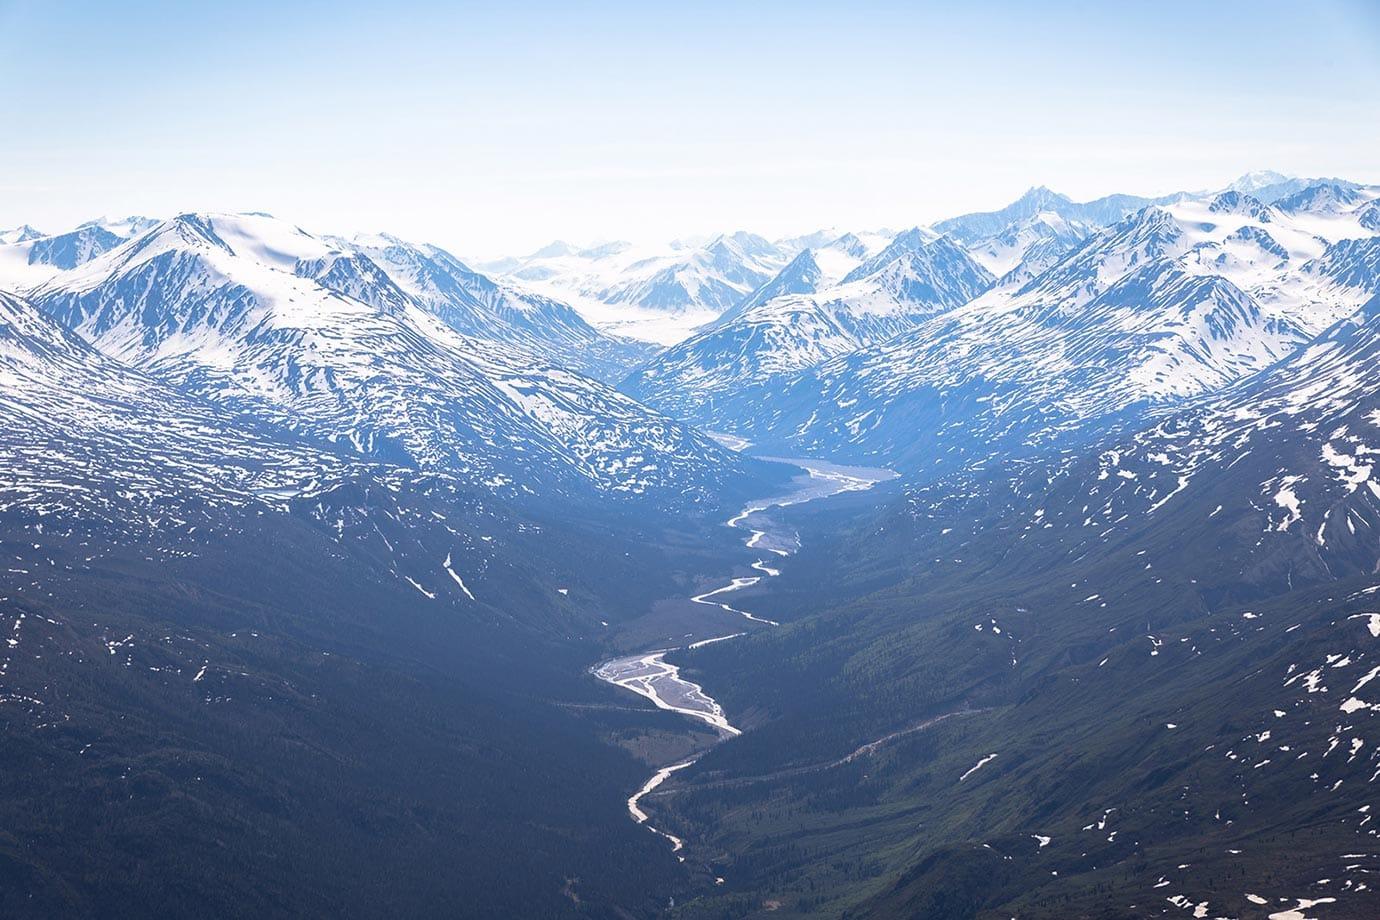 Mountains in the Yukon